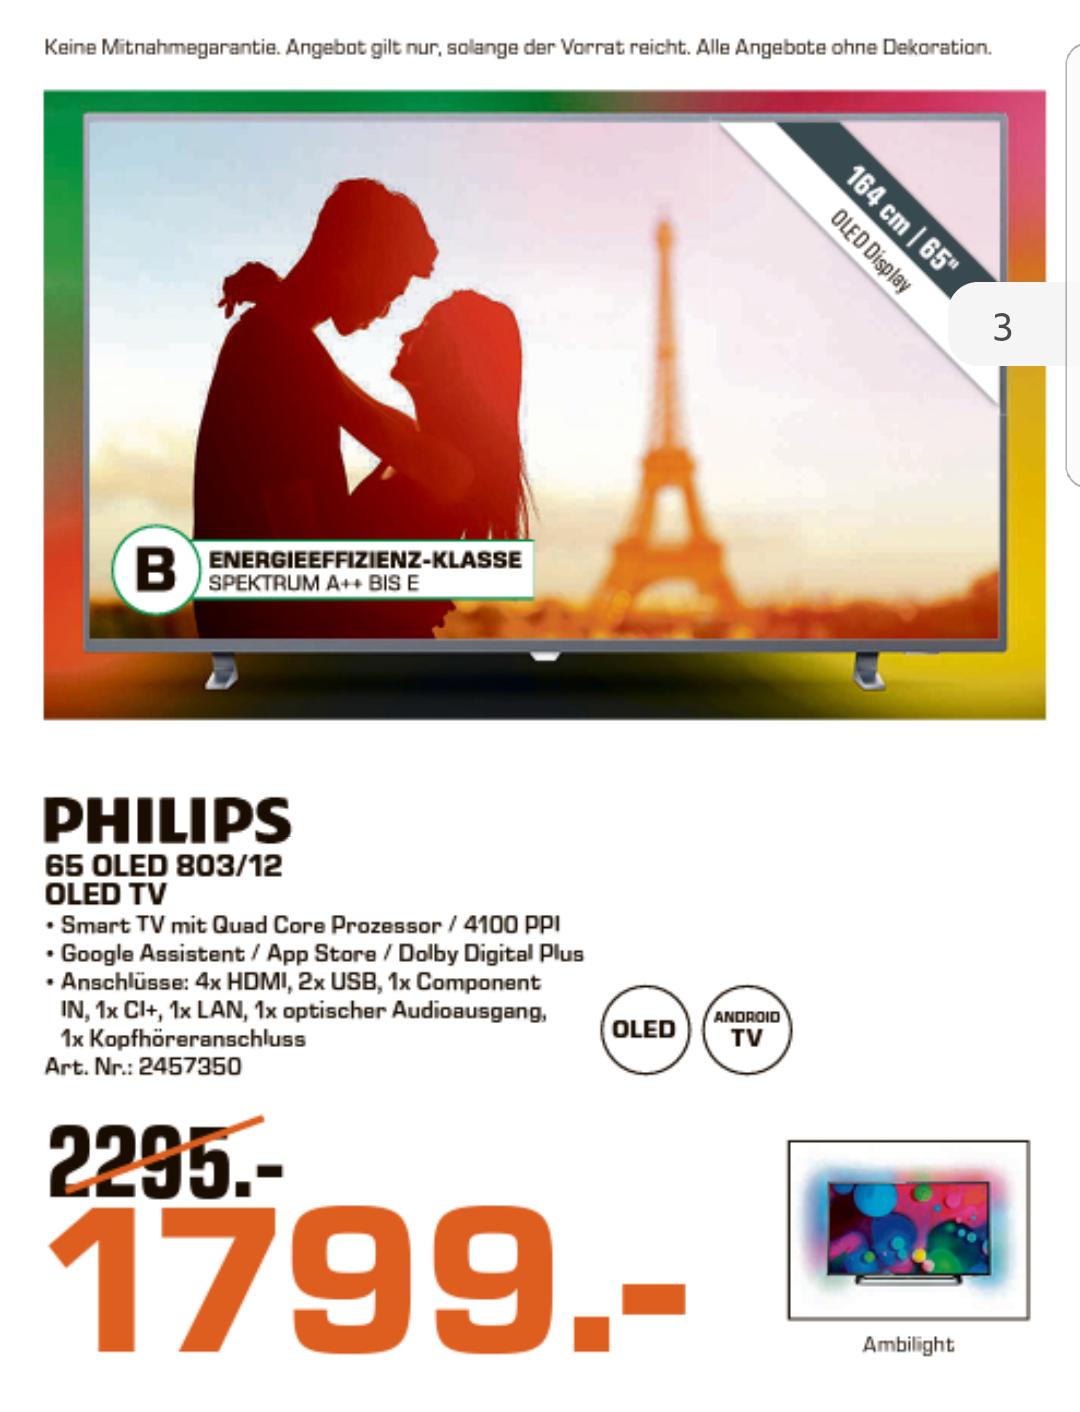 Philips 65 OLED 803 Bestpreis Saturn oberhausen [Regional]